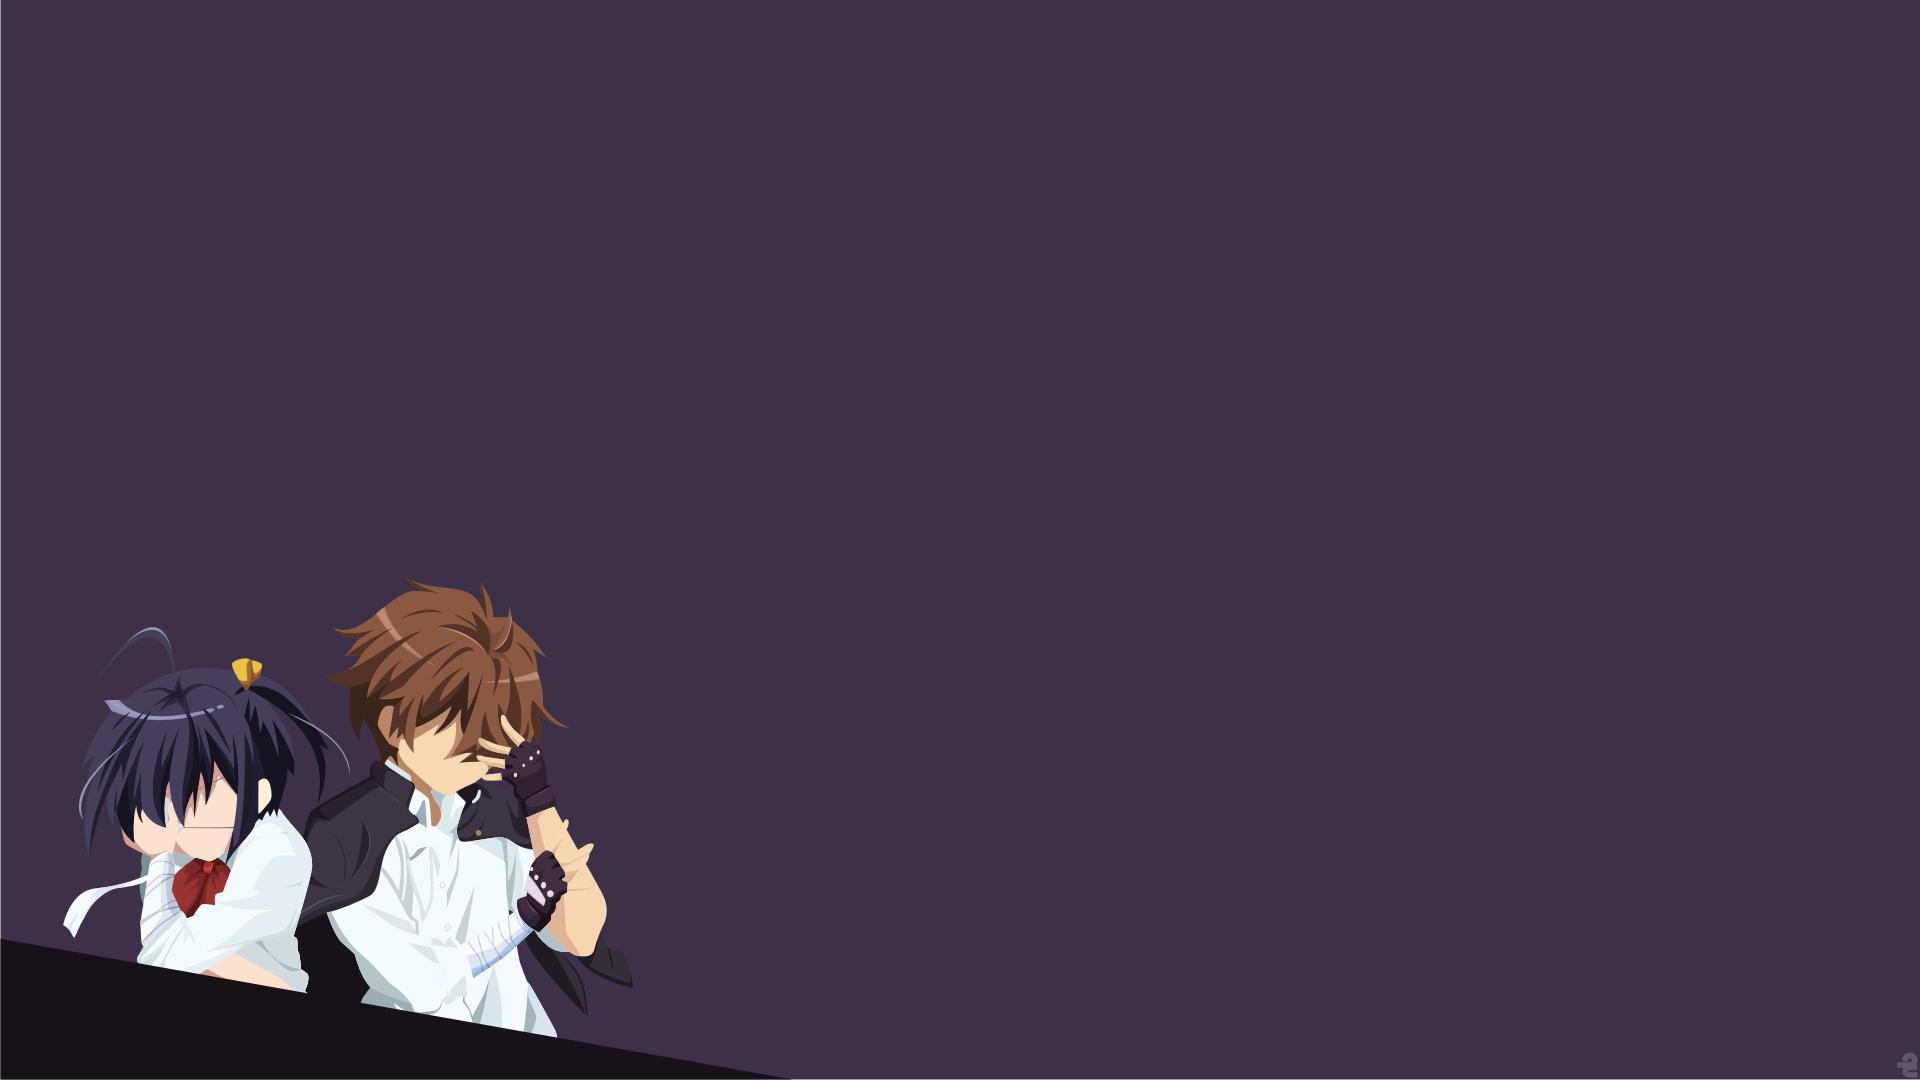 Masaüstü Basit Arka Plan Anime Girls Minimalizm Resim Mor Arka